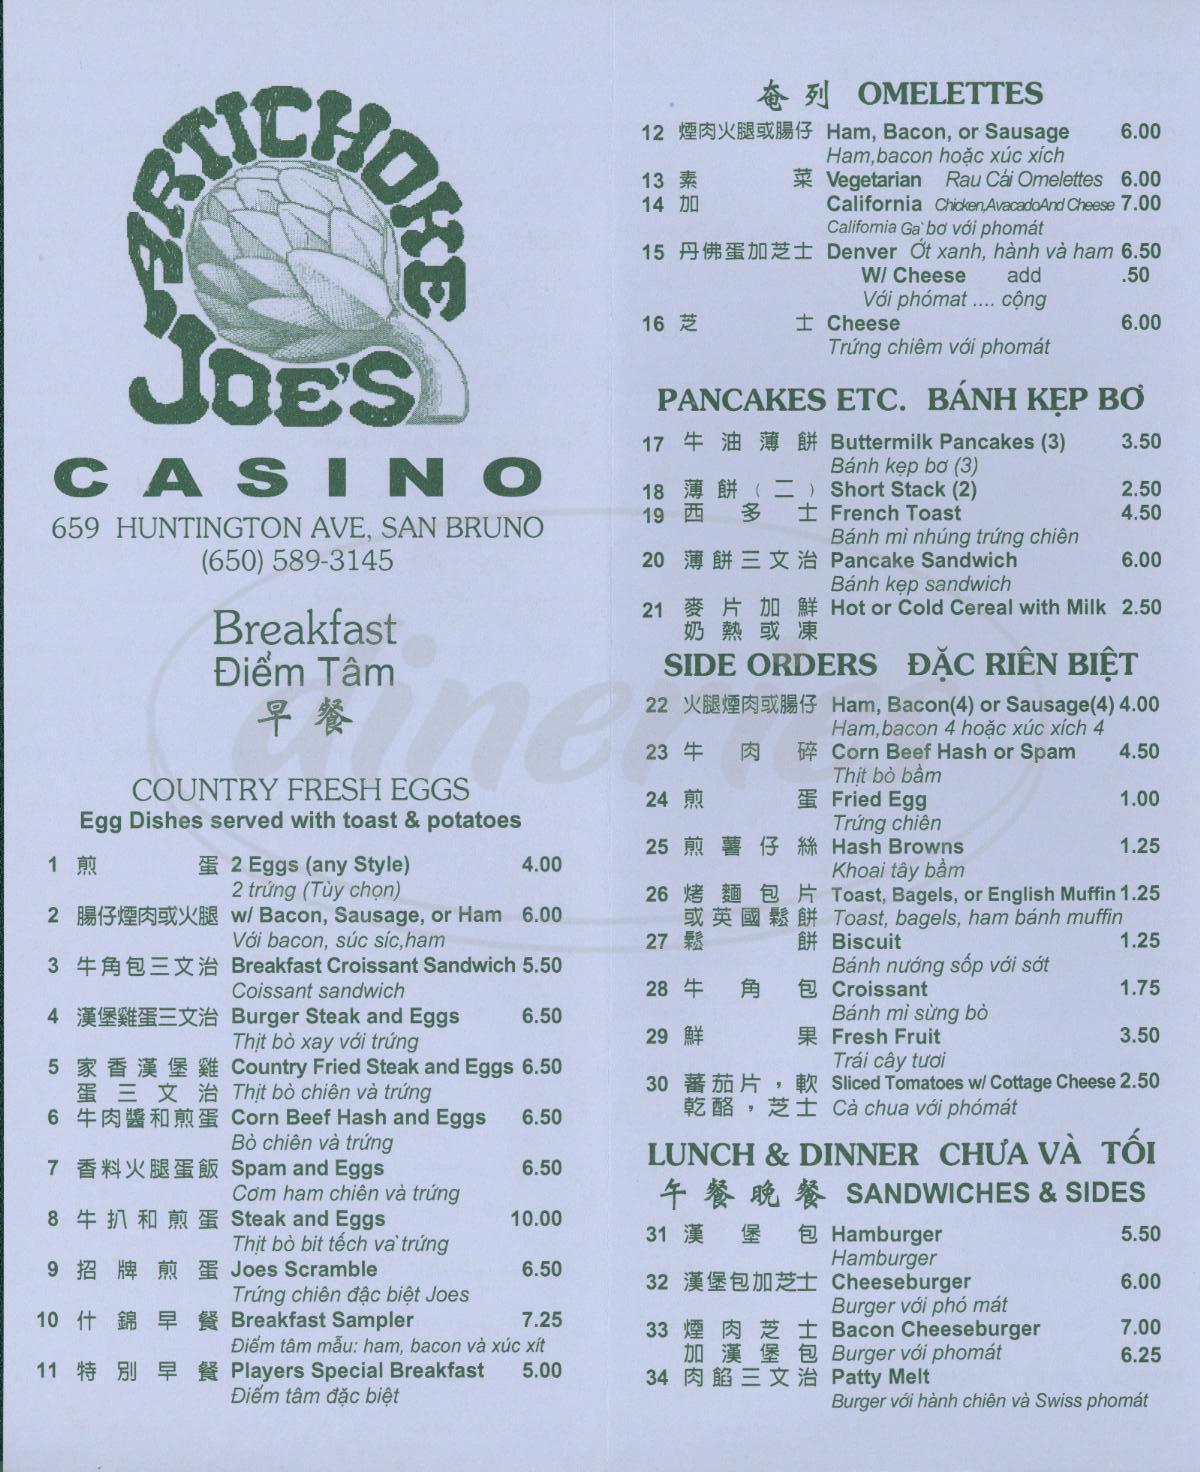 artichoke joe s casino